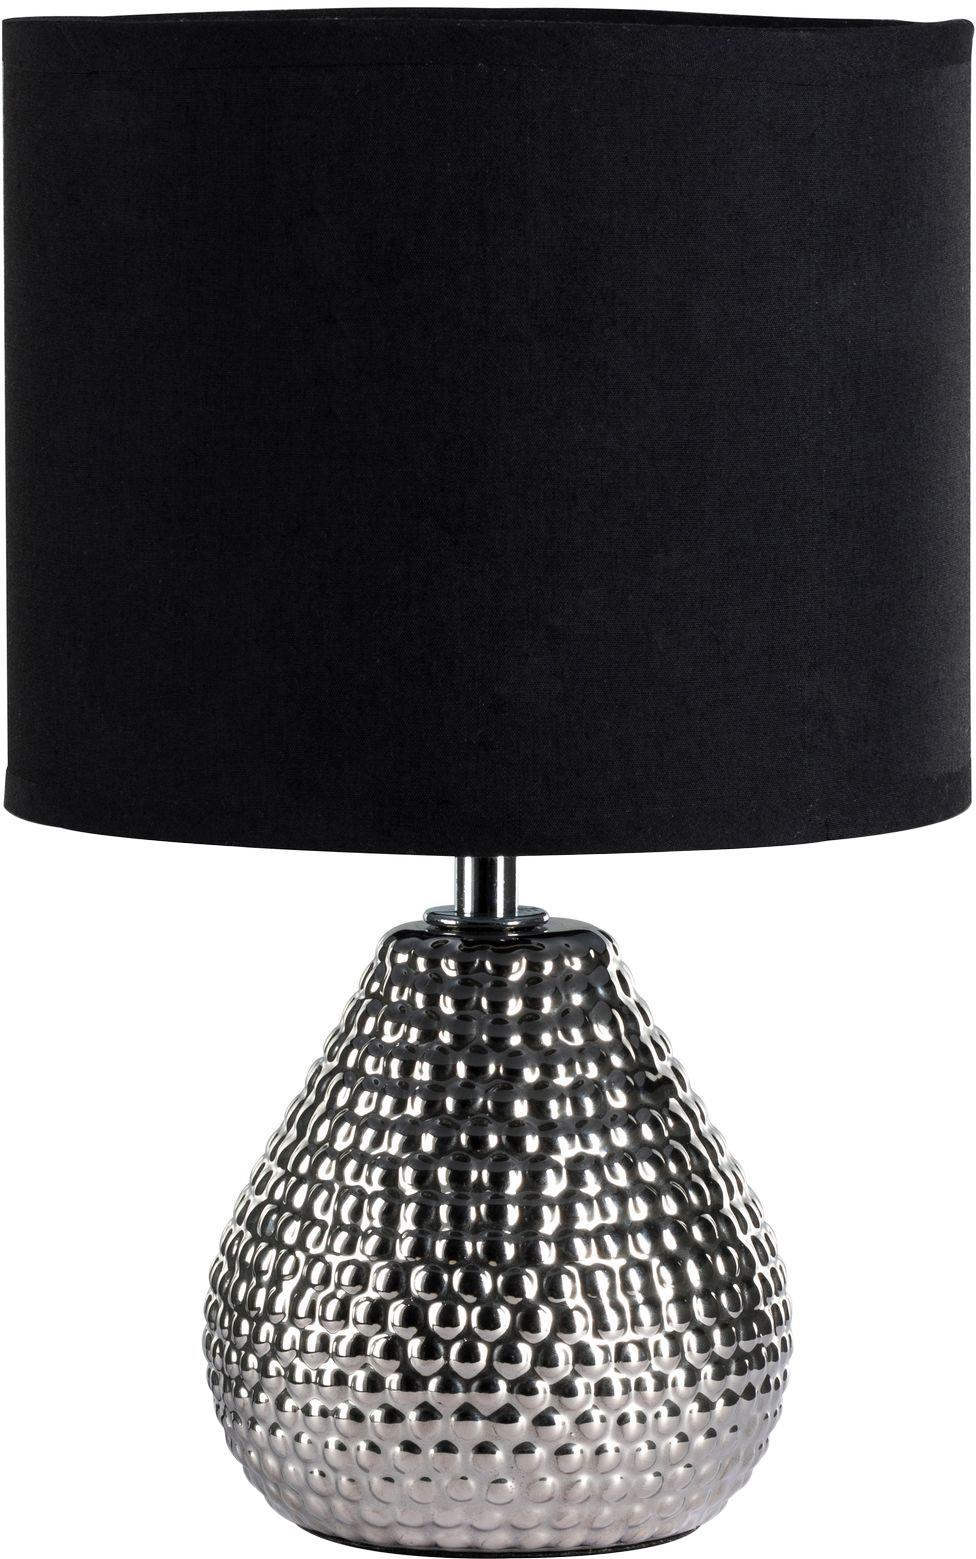 Keramik-Tischlampe Reno in Silber, Lampenschirm: Baumwollgemisch, Lampenfuß: Keramik, Silberfarben, Schwarz, Ø 18 x H 29 cm